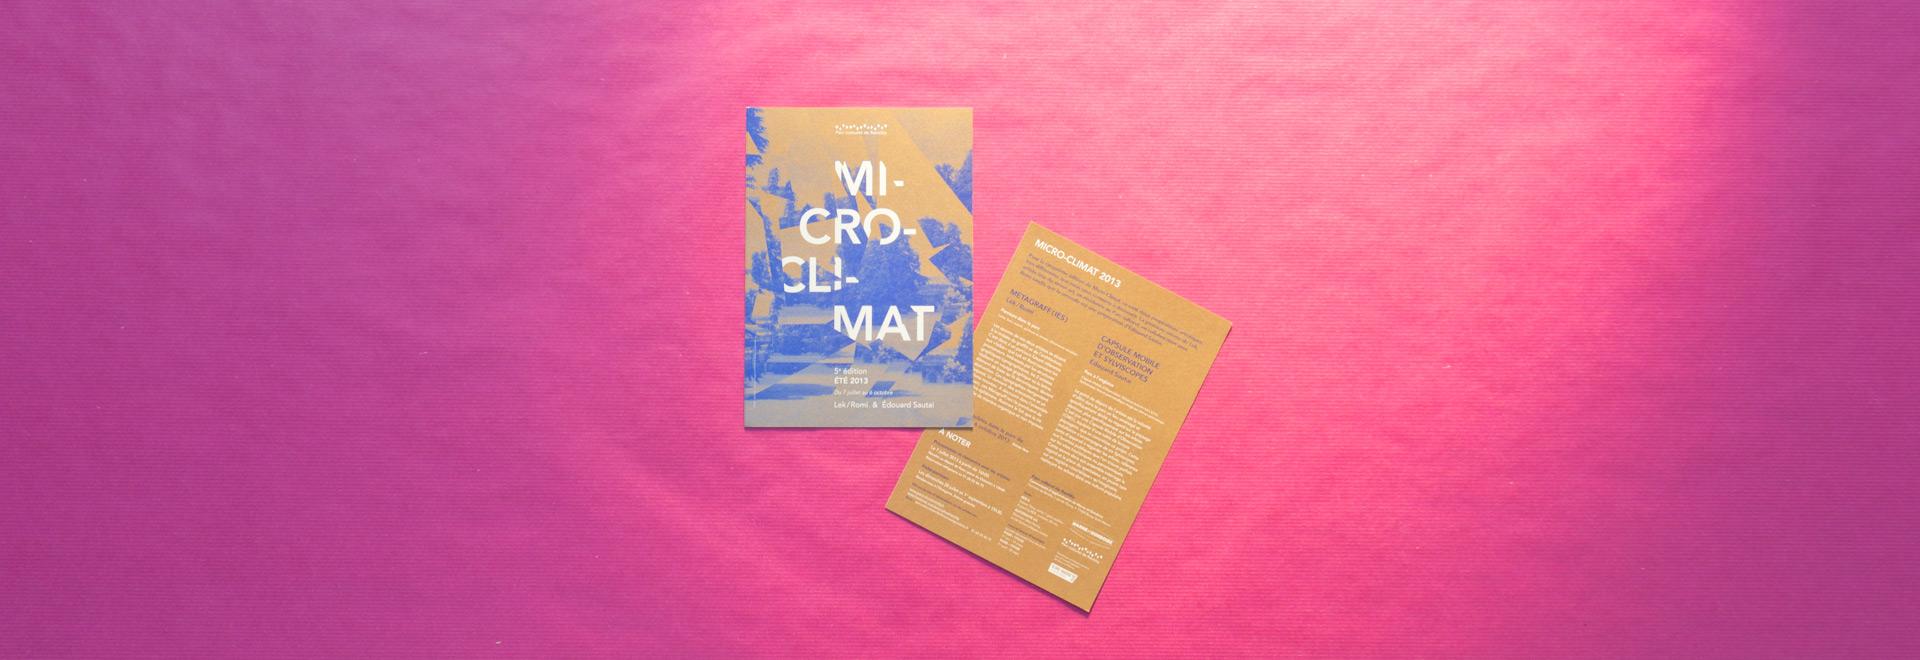 Micro-climat-2013-Parc-Culturel-Rentilly-Carton-graphique-1